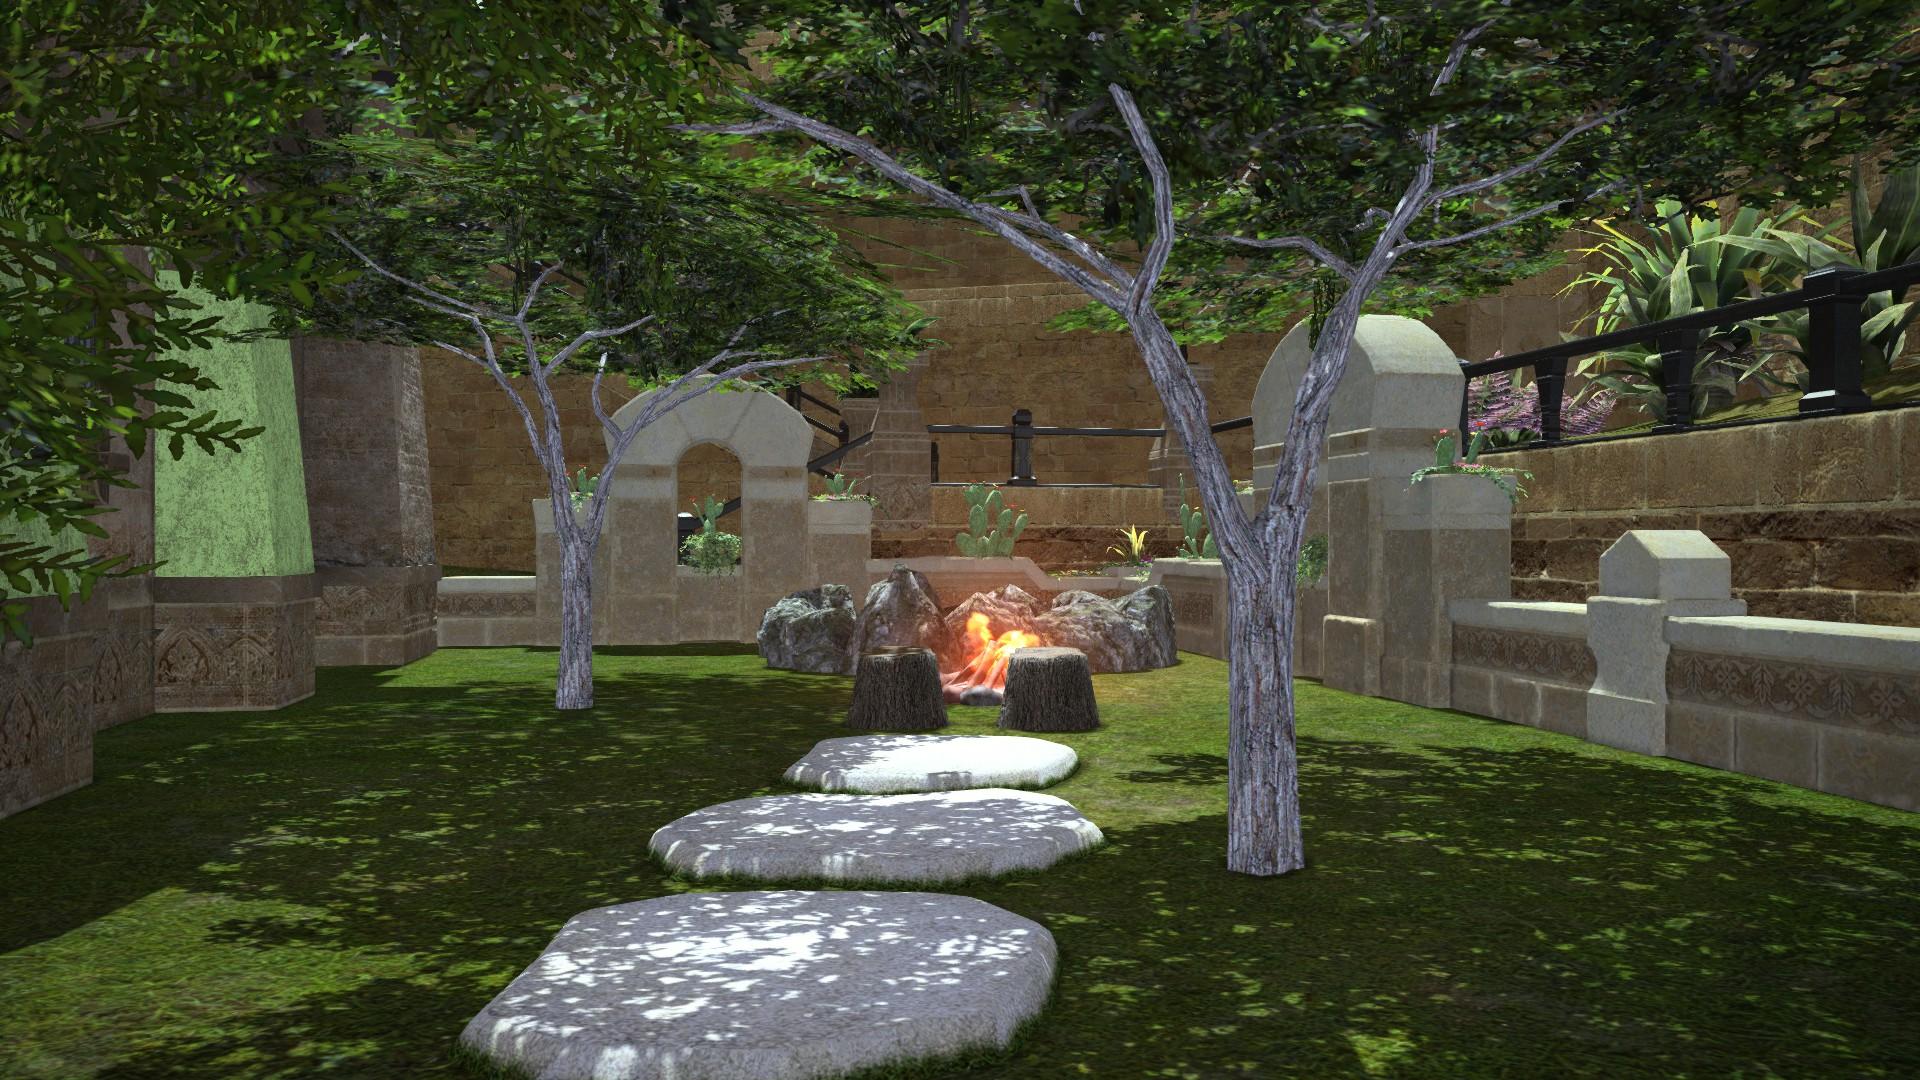 Feu de camp jardin une dcoration romantique cre partir - Autorisation de faire du feu dans son jardin ...